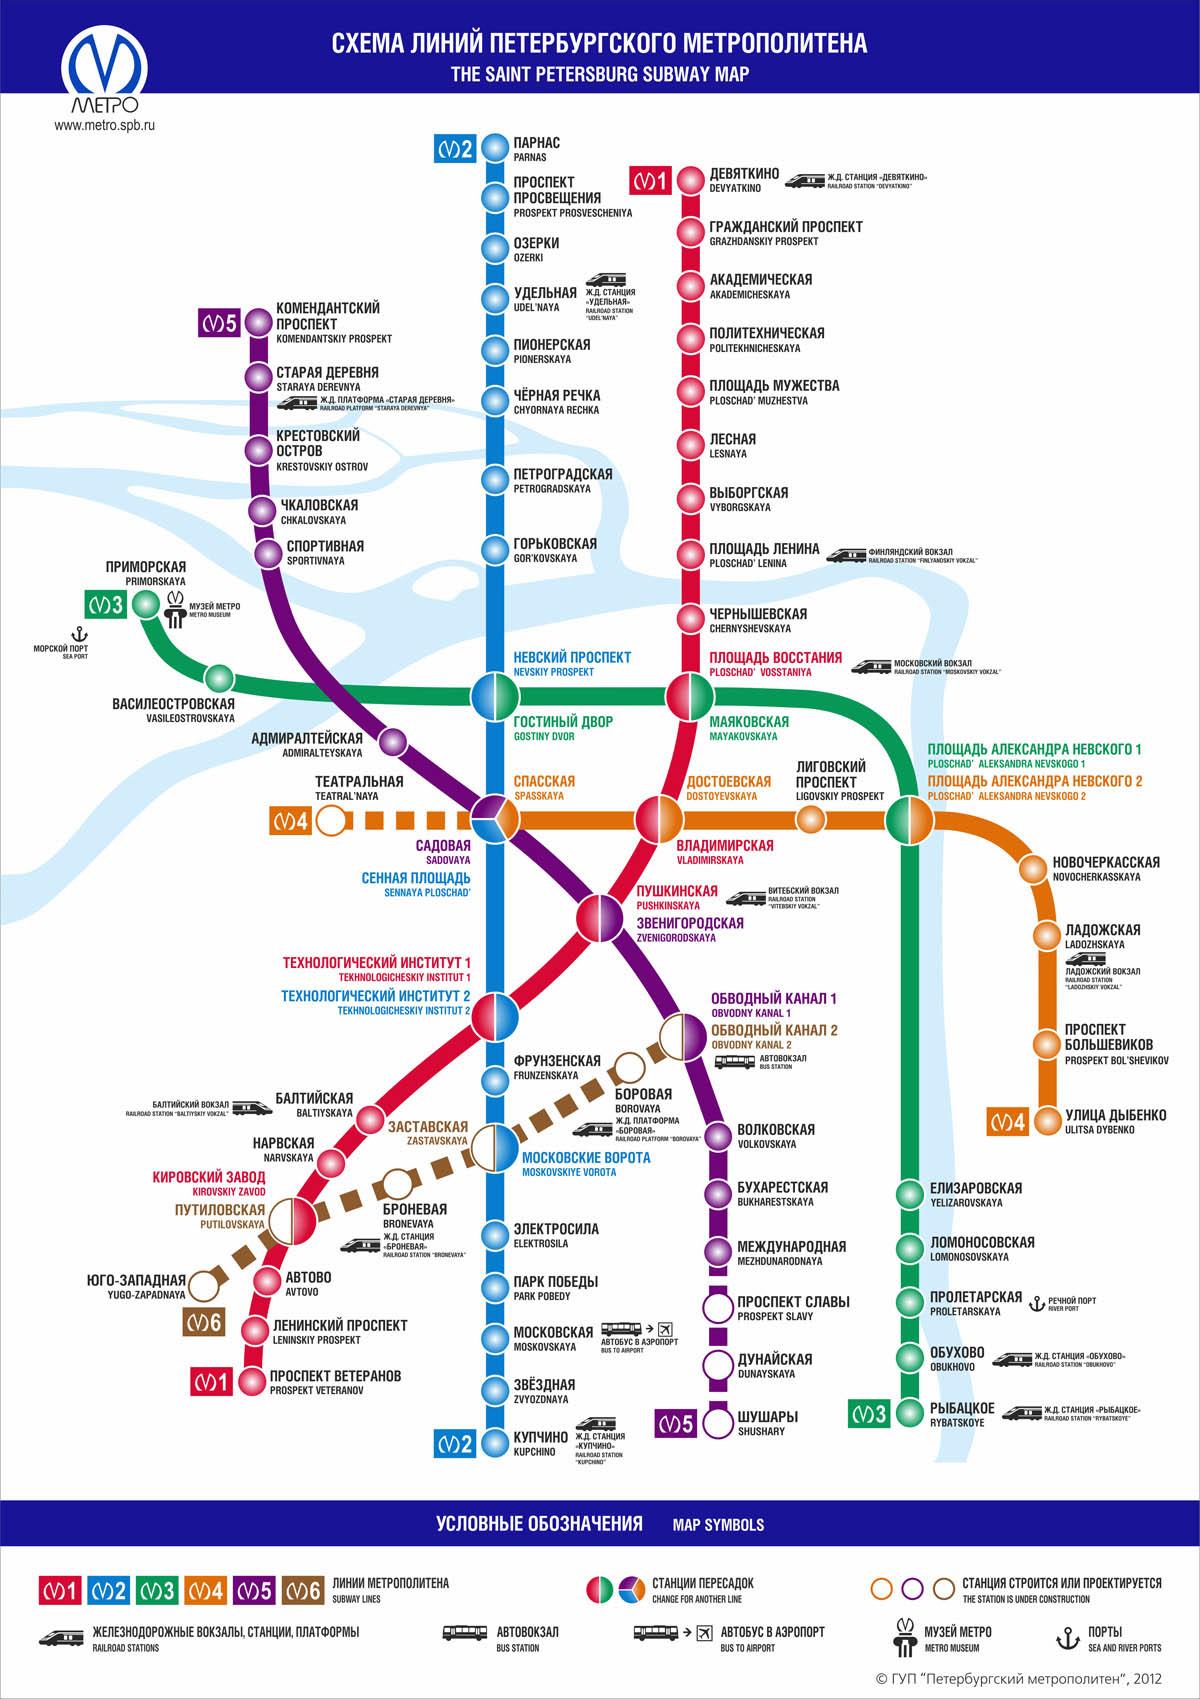 Схема линий Петербургского метрополитена